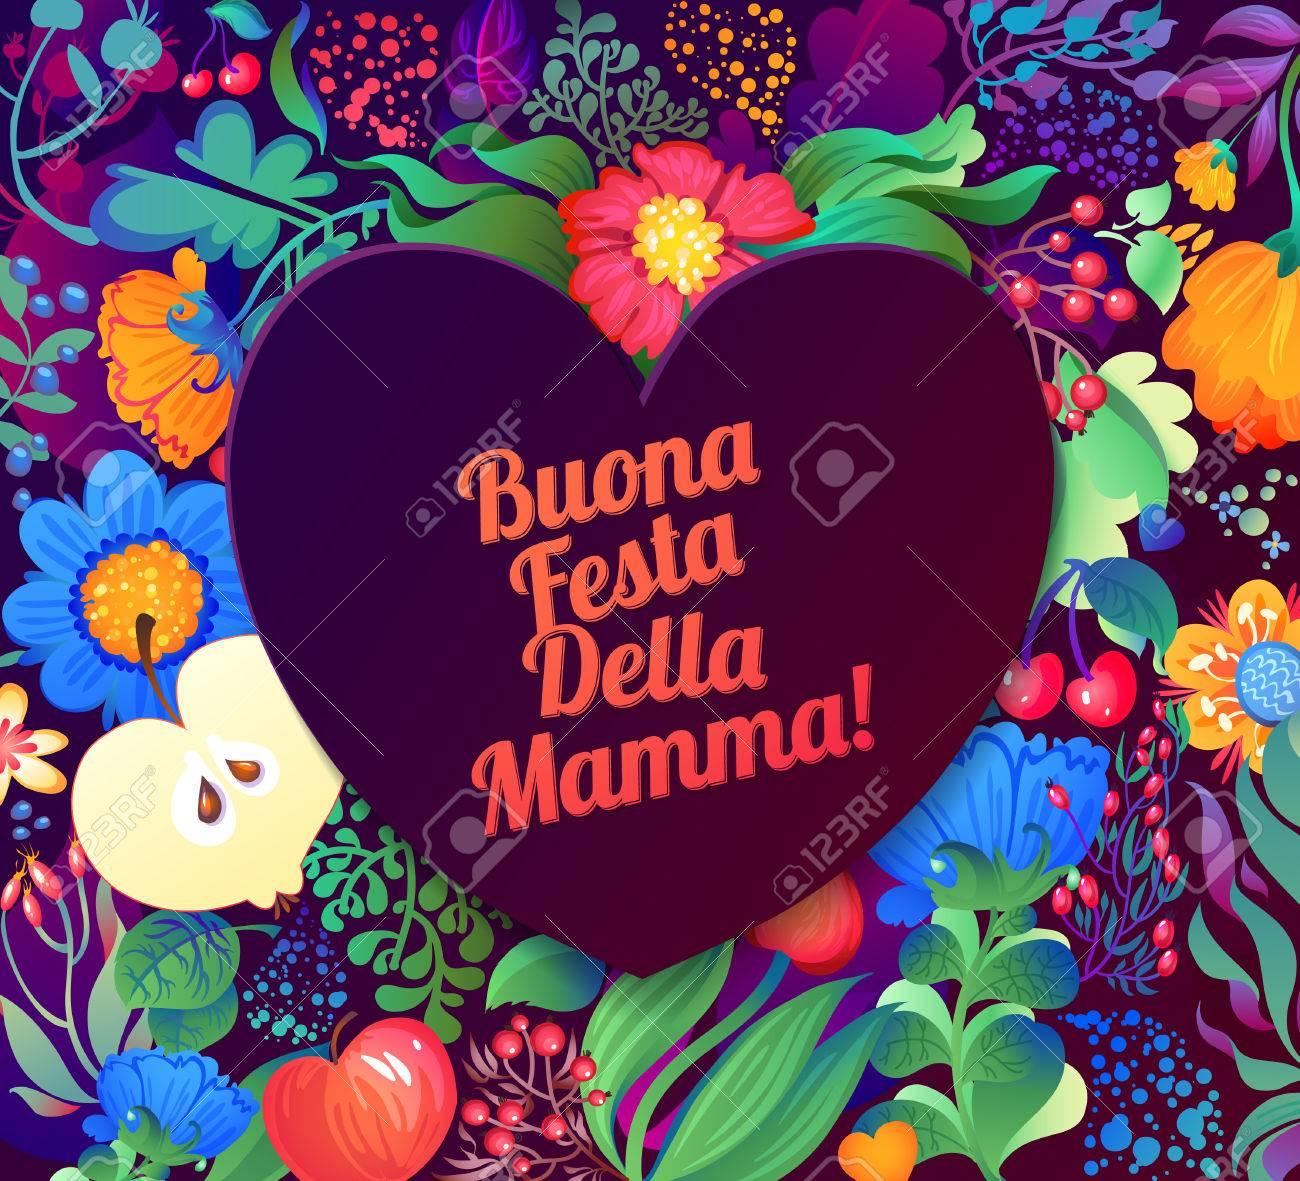 Carte Bonne Fete En Italien.Bonne Fete Des Meres Cartes De Voeux Inscription Italien Clip Art